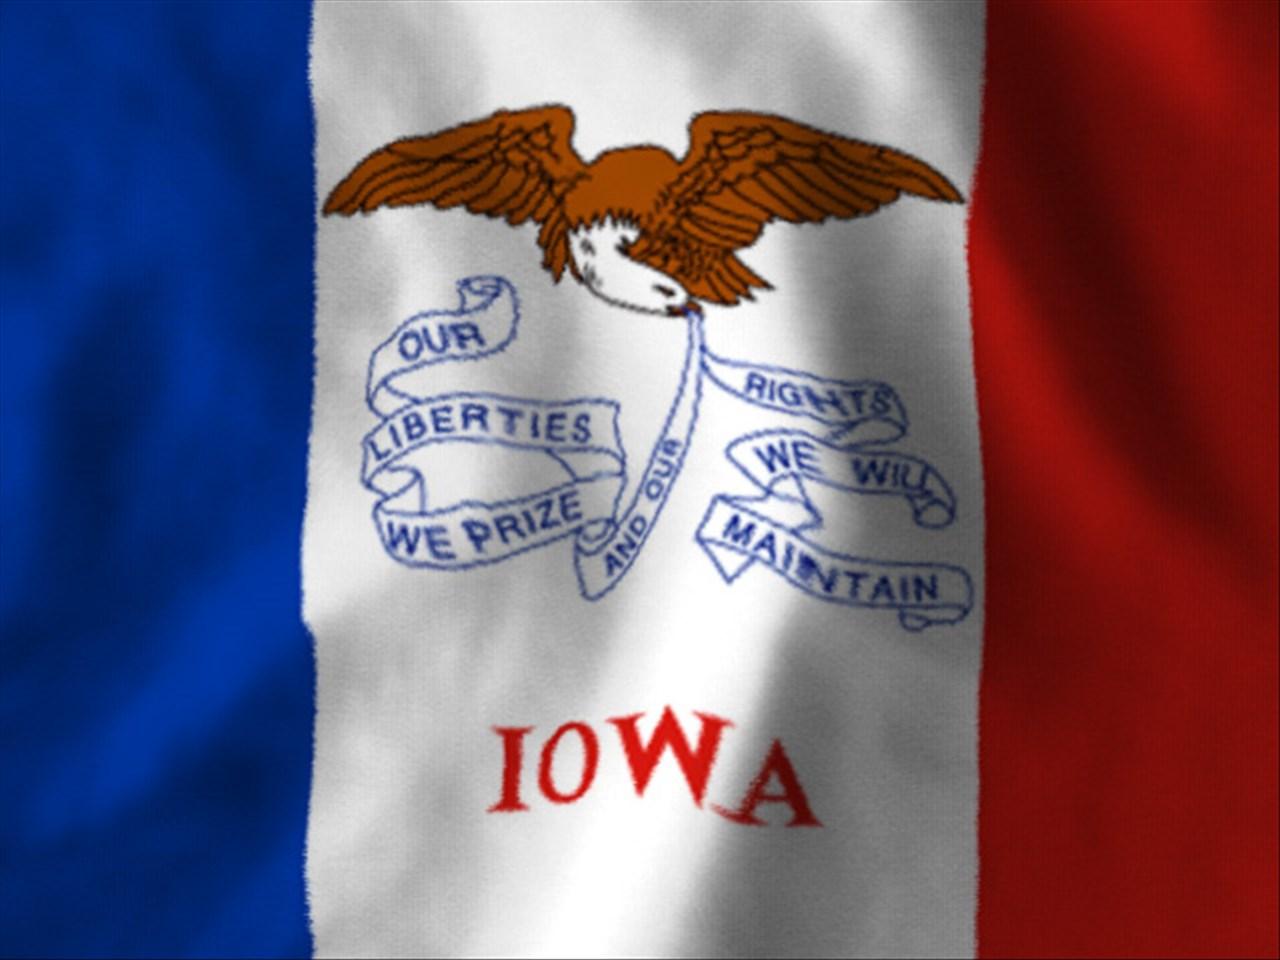 Iowa Flag_1552674436372.jpeg.jpg